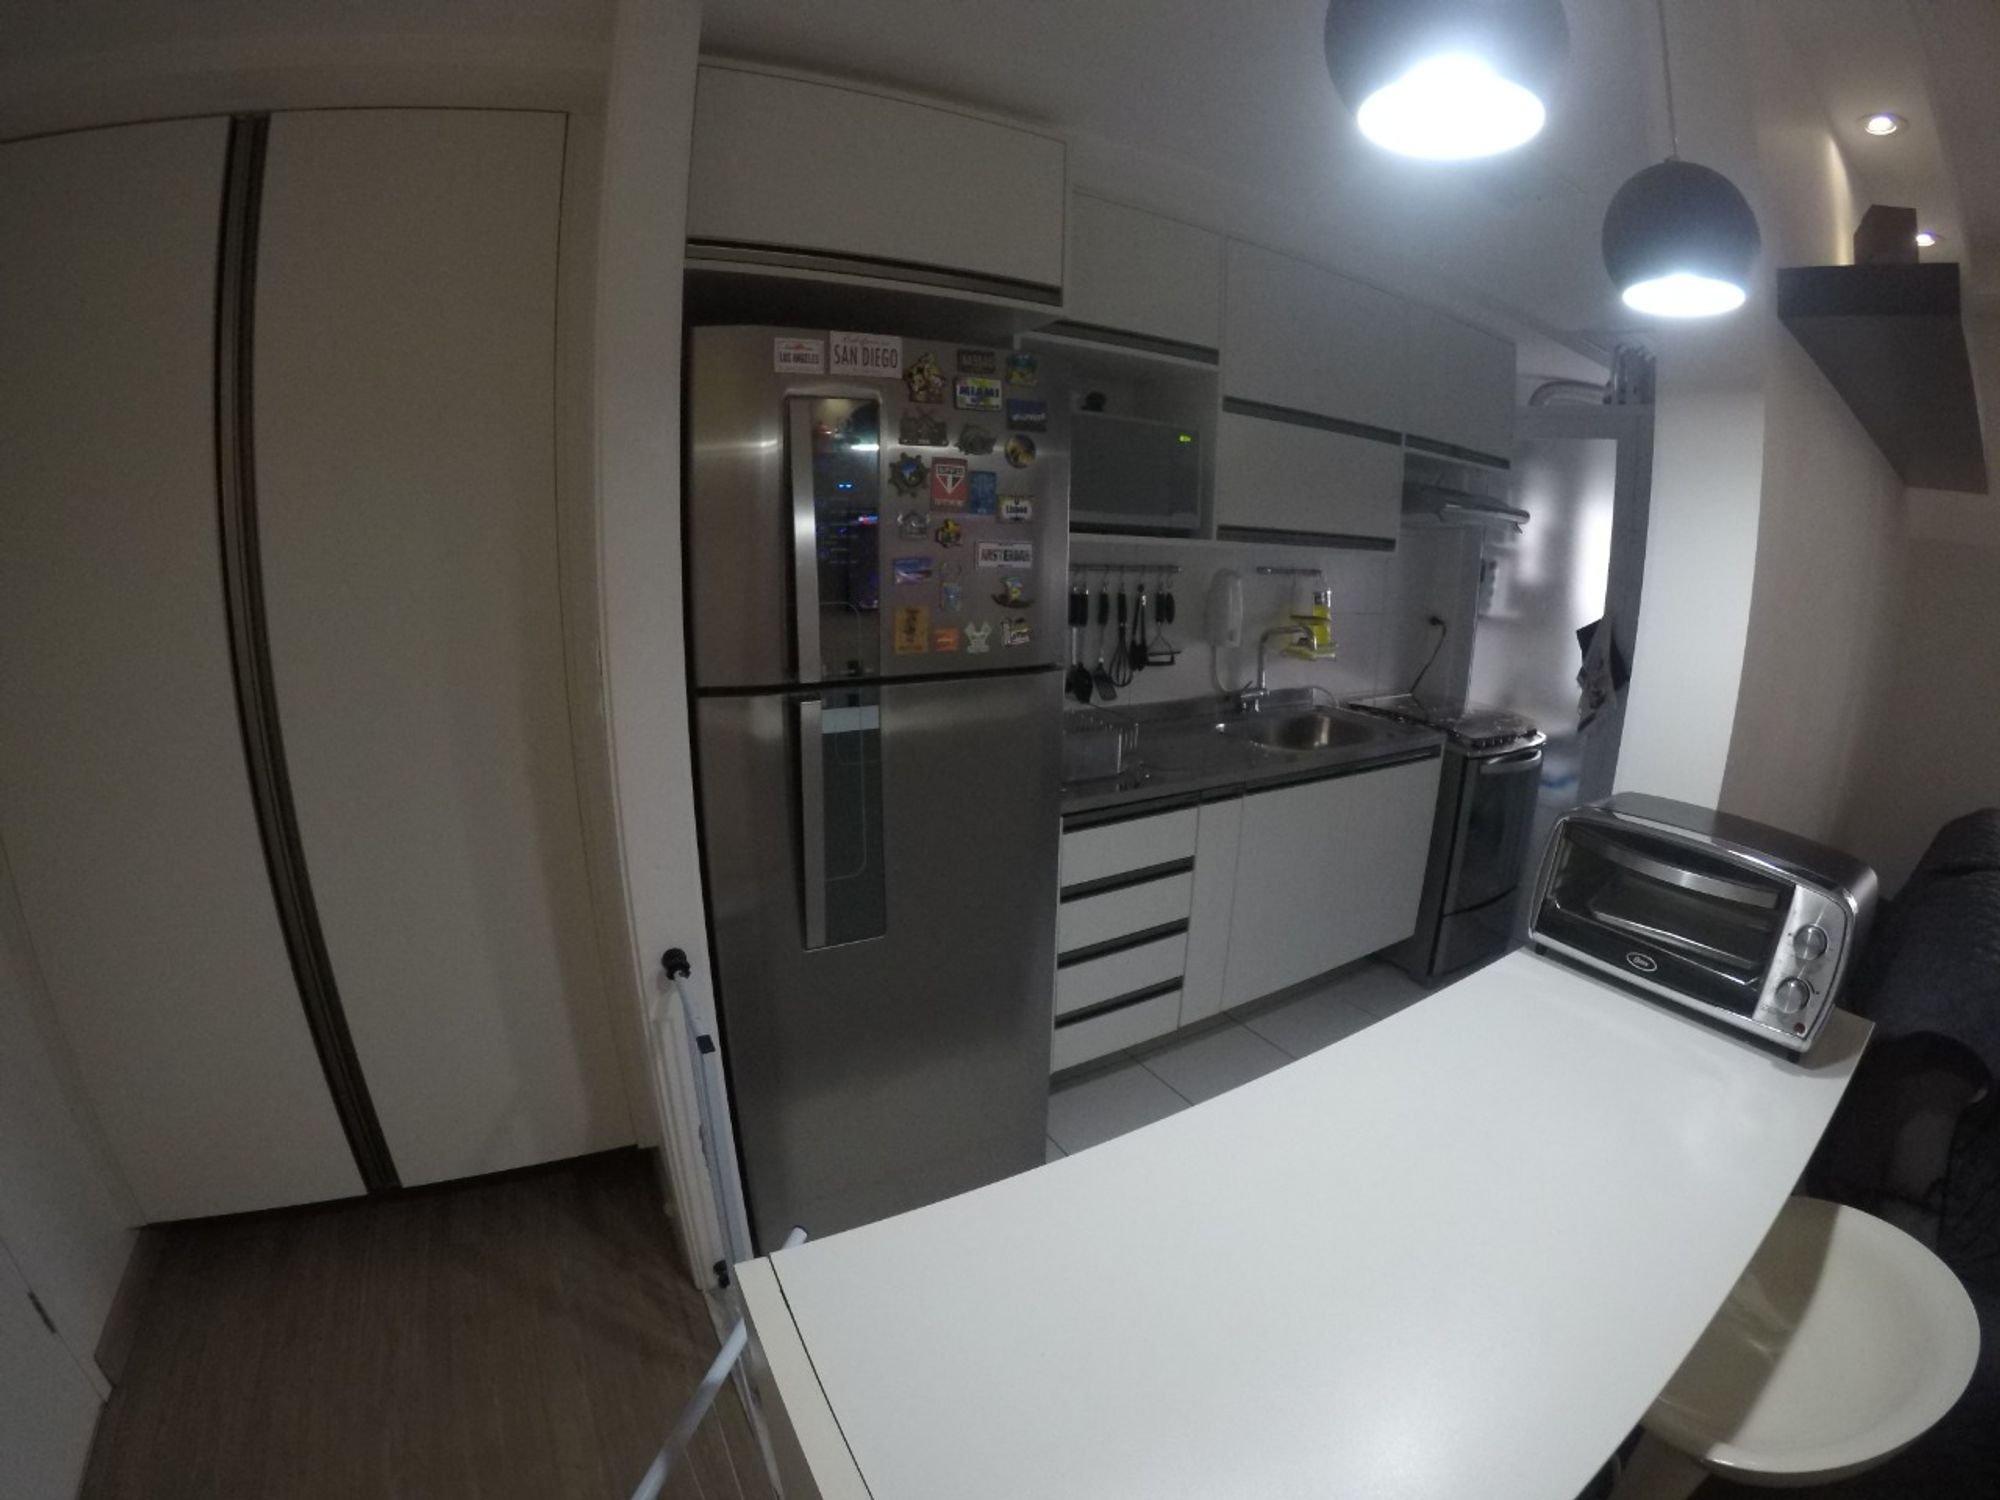 Foto de Cozinha com faca, garrafa, geladeira, pia, cadeira, mesa de jantar